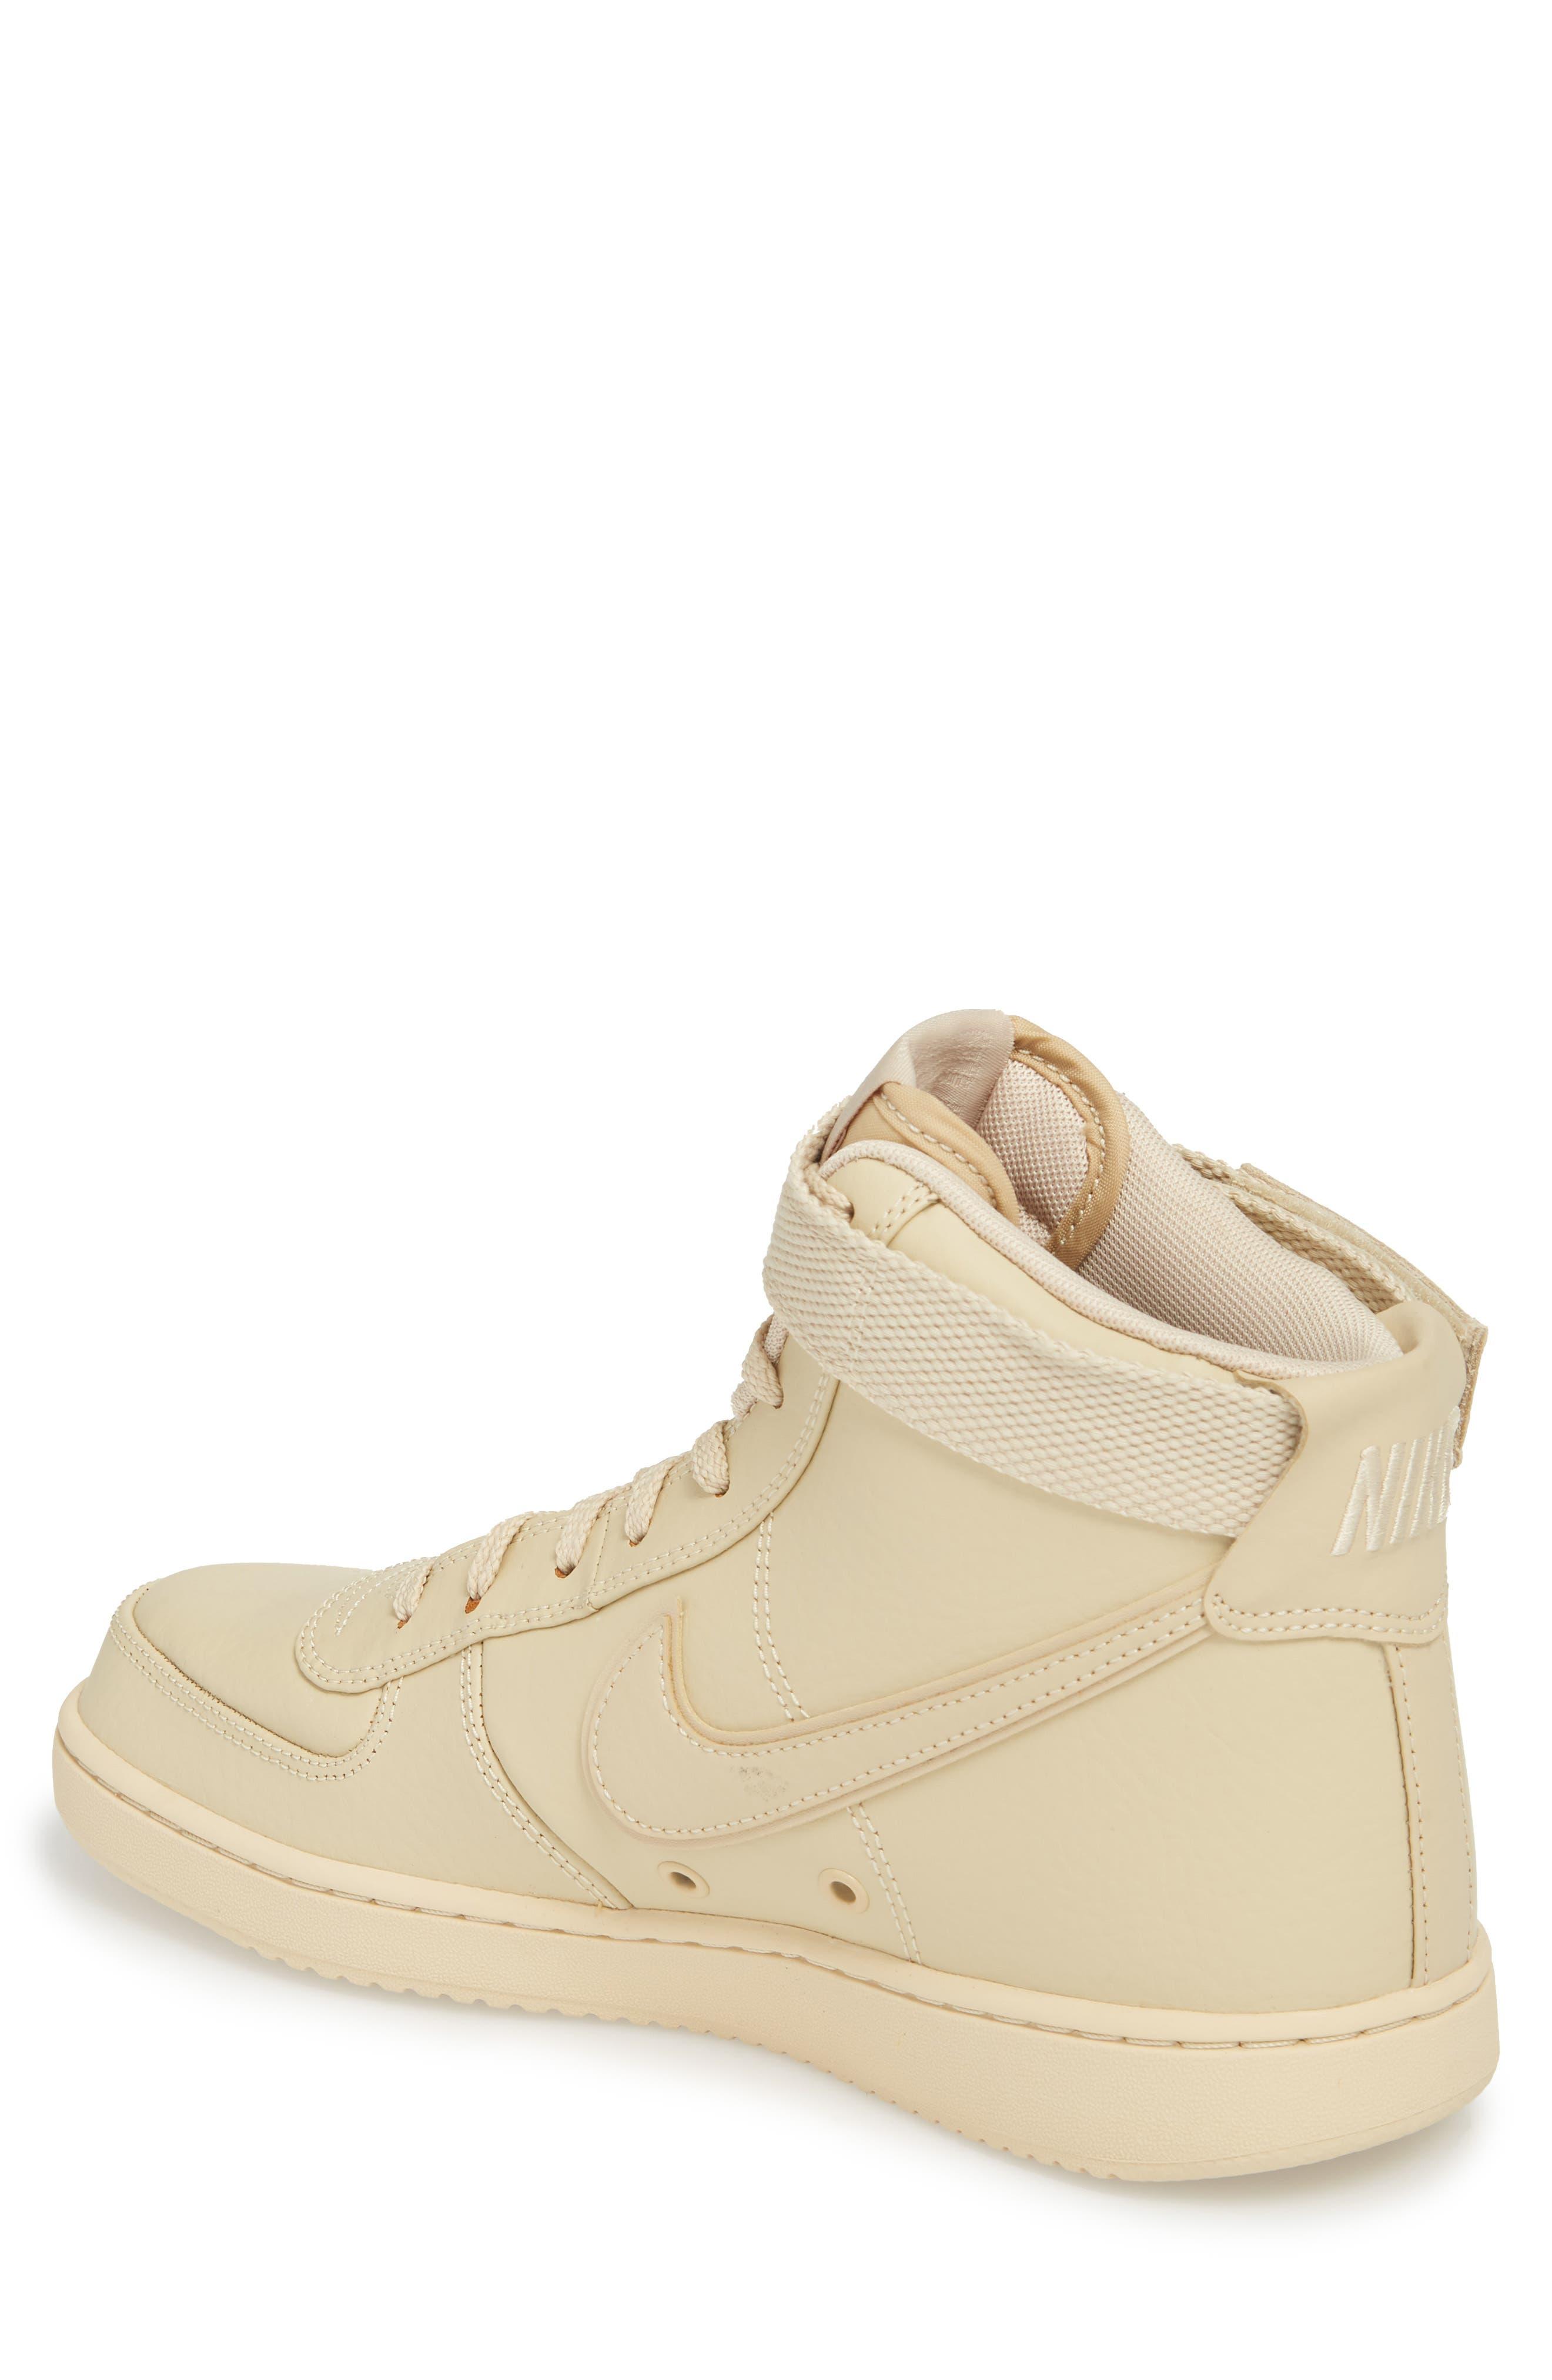 Vandal High Supreme Leather Sneaker,                             Alternate thumbnail 2, color,                             Desert Ore